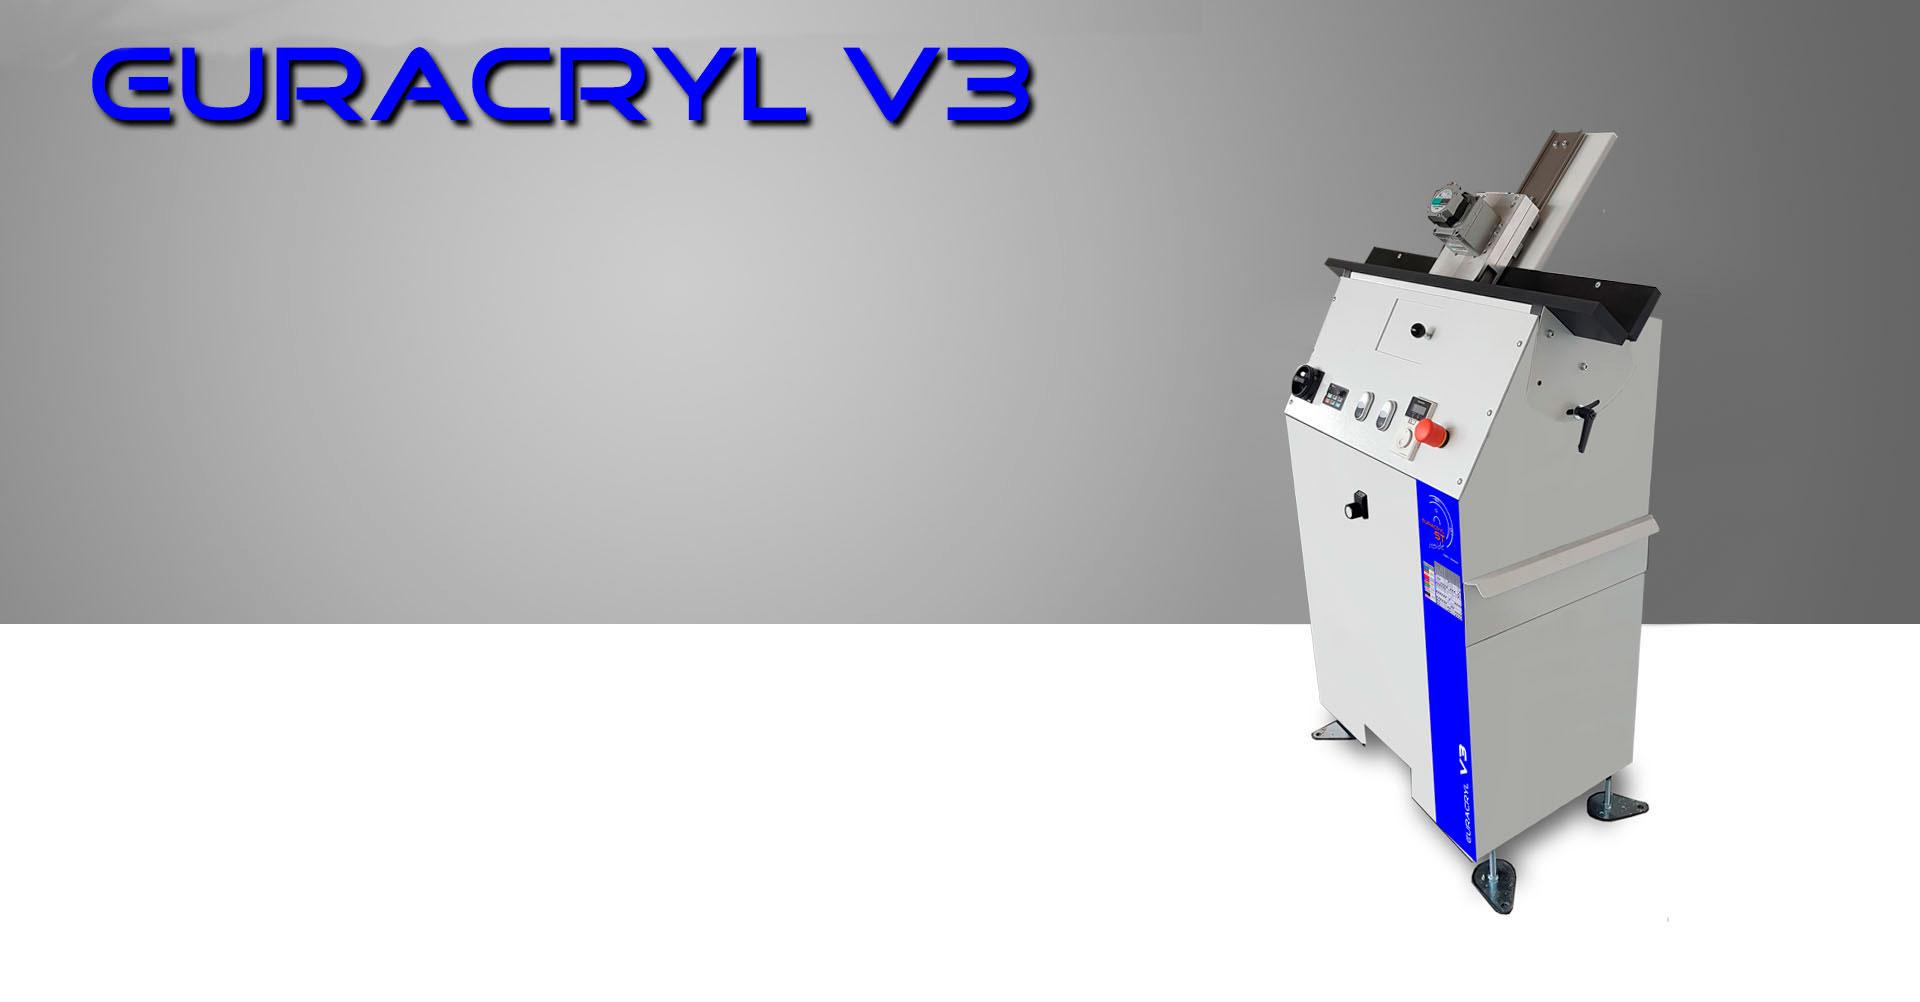 Pulidora de cantos V3 Euracryl gmbh